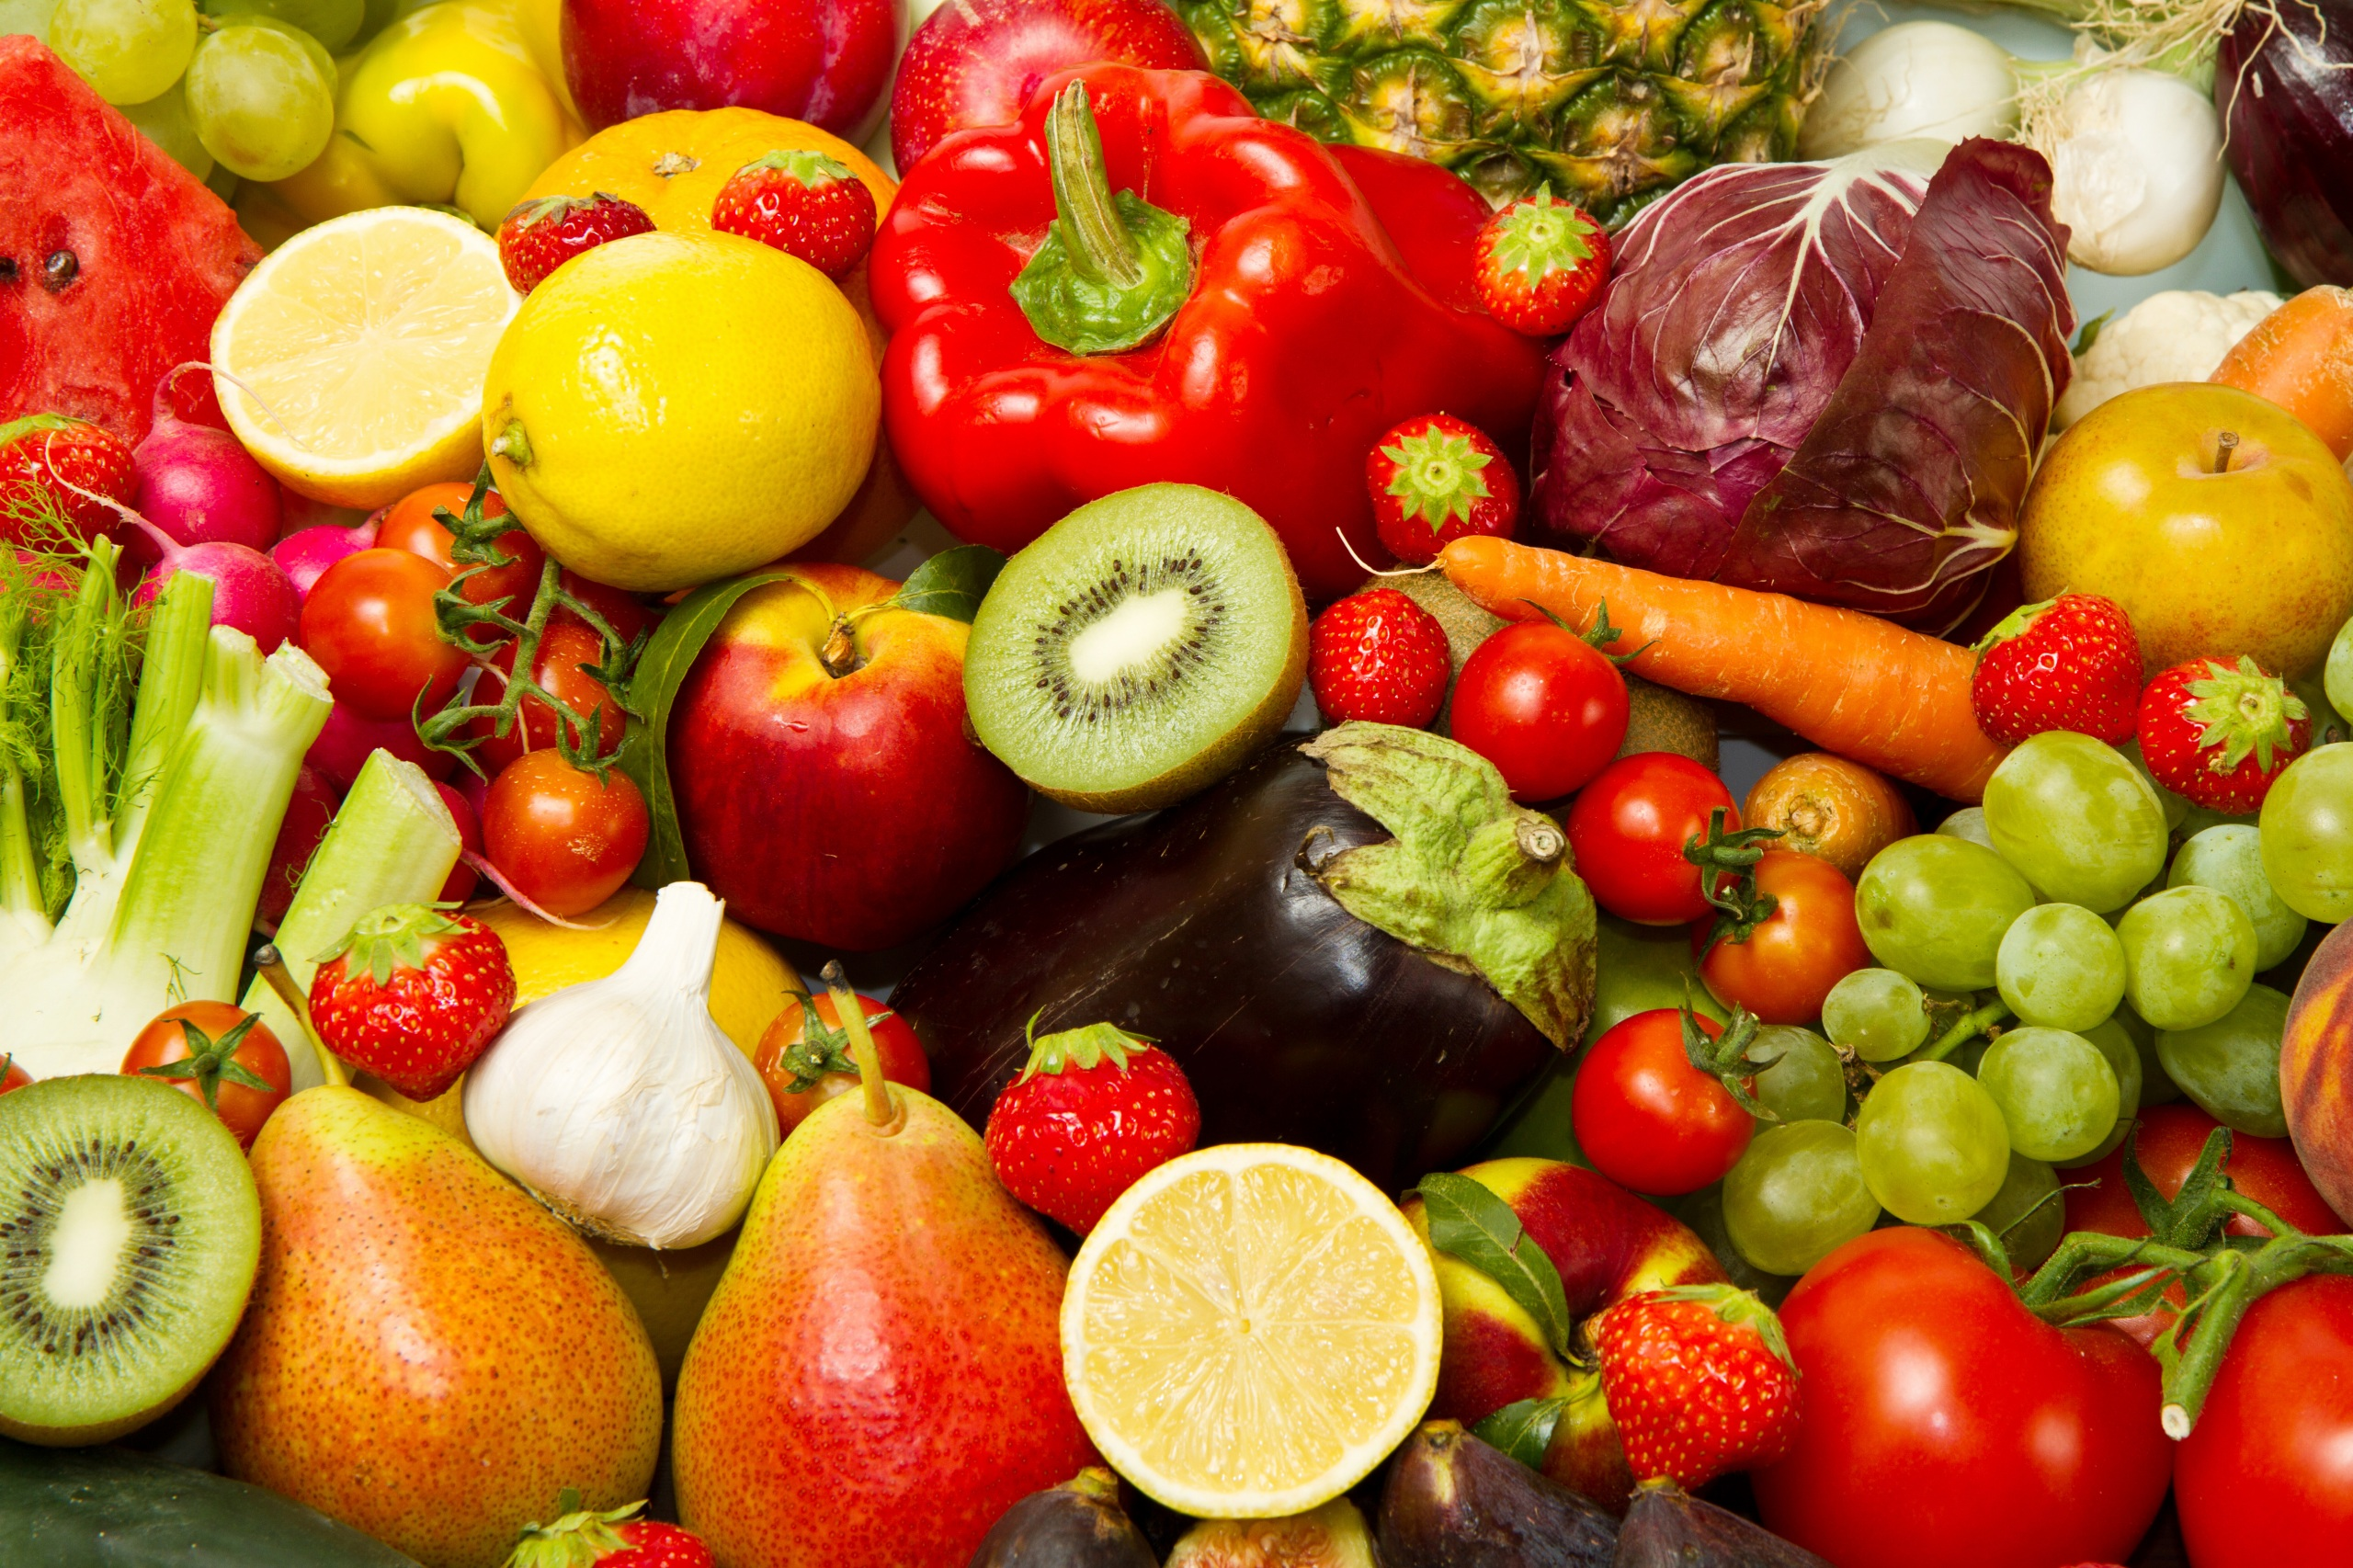 Картинки Баклажан Киви Груши Яблоки Виноград Еда Перец Овощи Фрукты 2560x1706 Пища Продукты питания